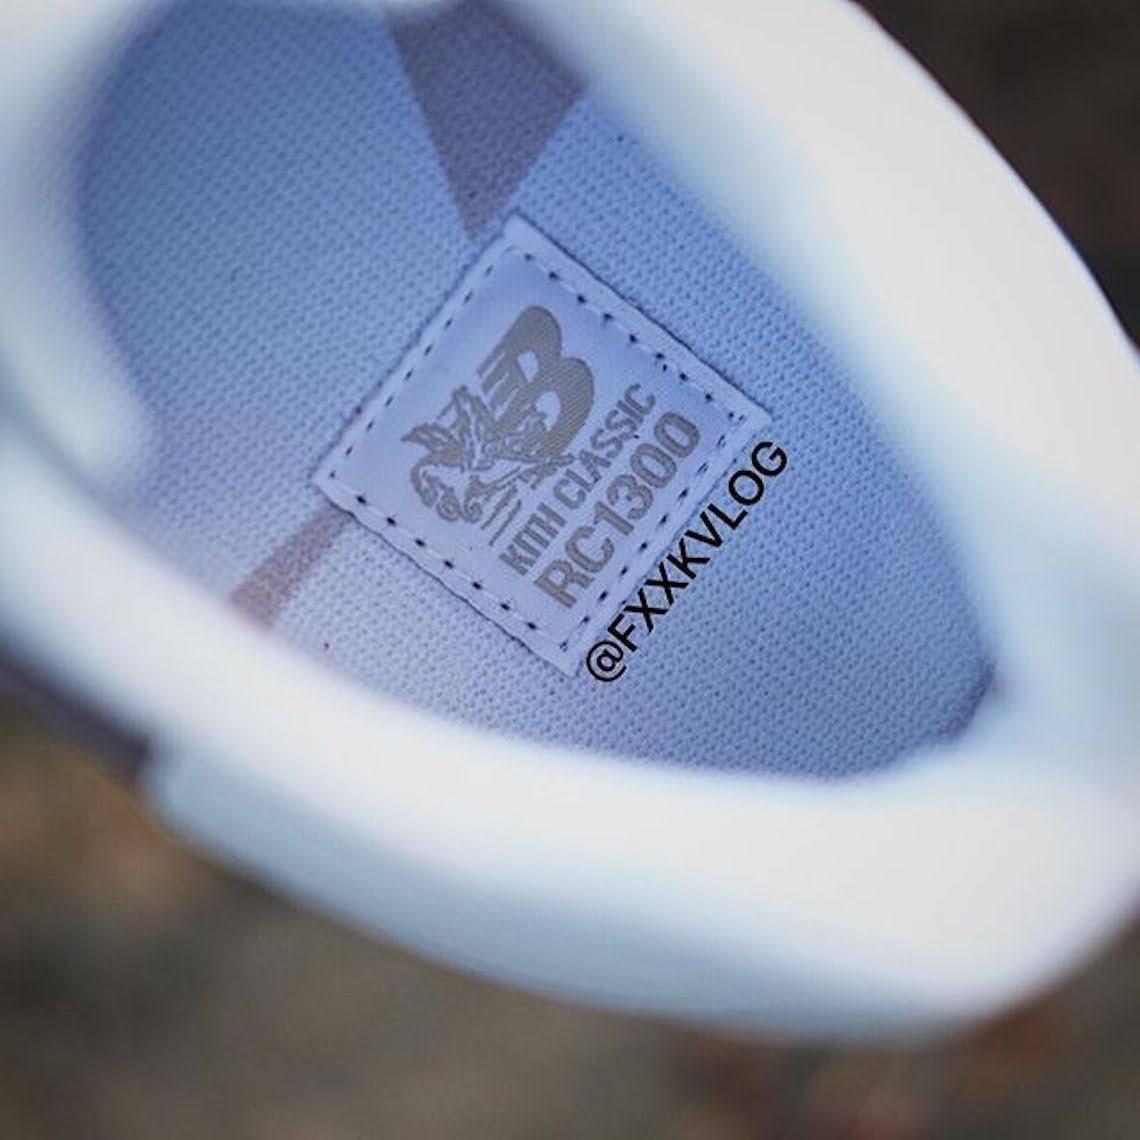 ロニー フィーグ × キス × ニューバランス RC_1300 KITH-New-Balance-RC-1300-insole